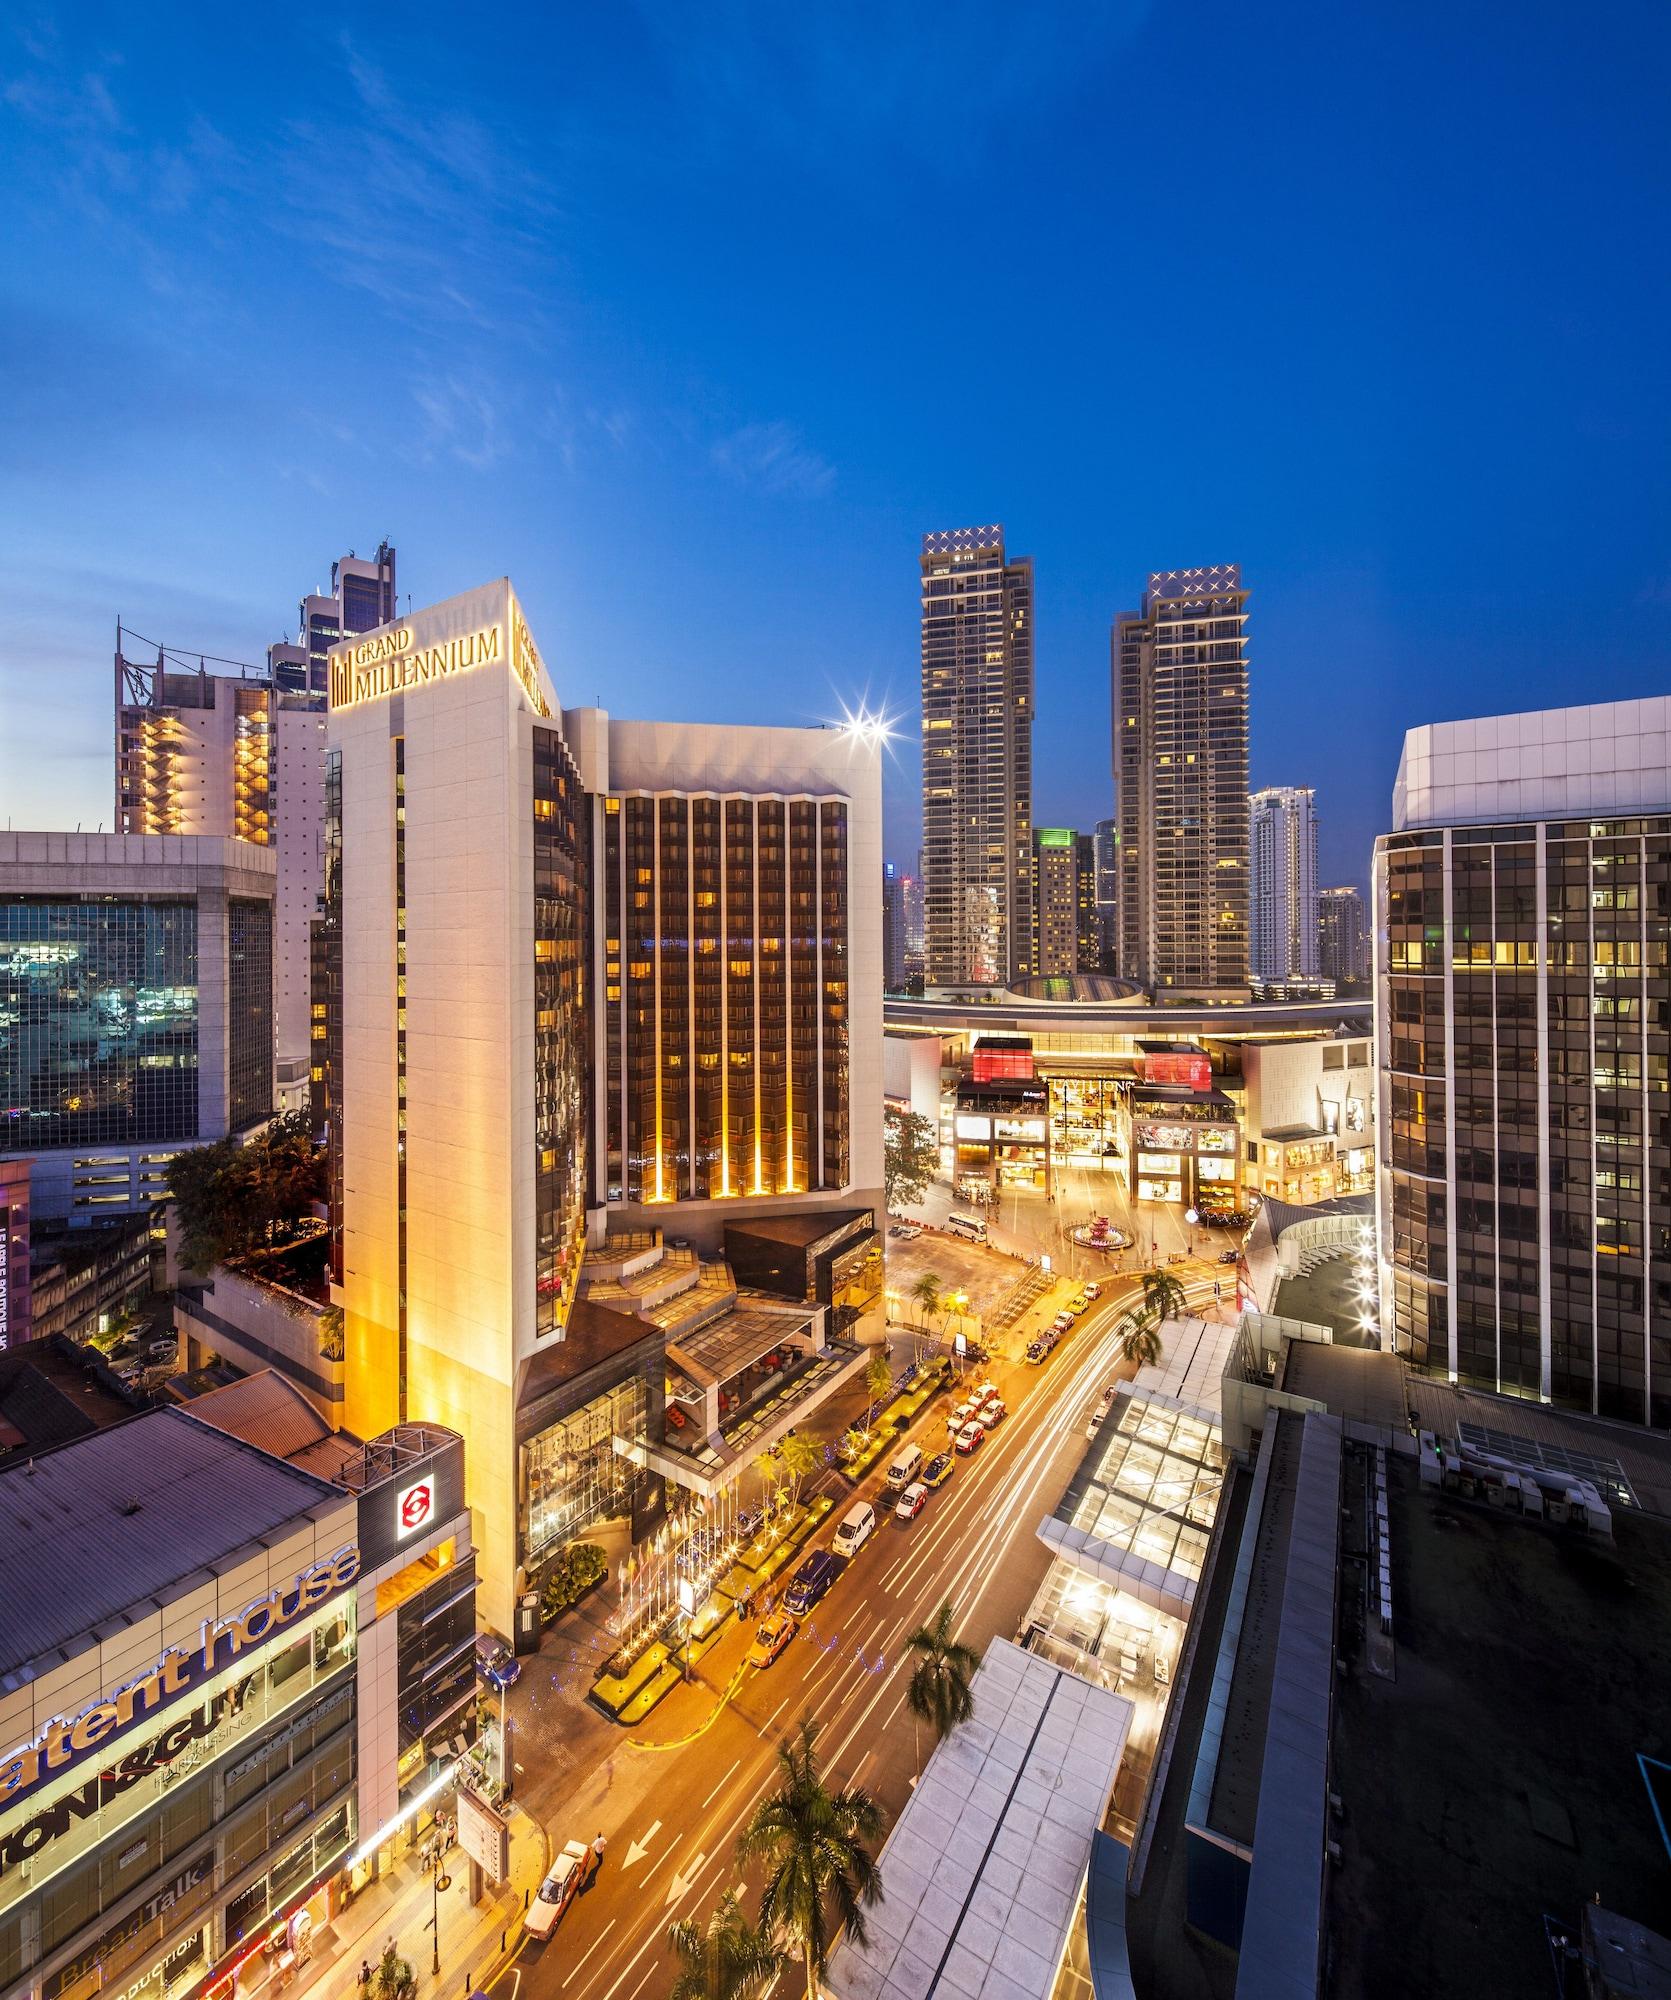 Grand Millennium Hotel Kuala Lumpur, Kuala Lumpur